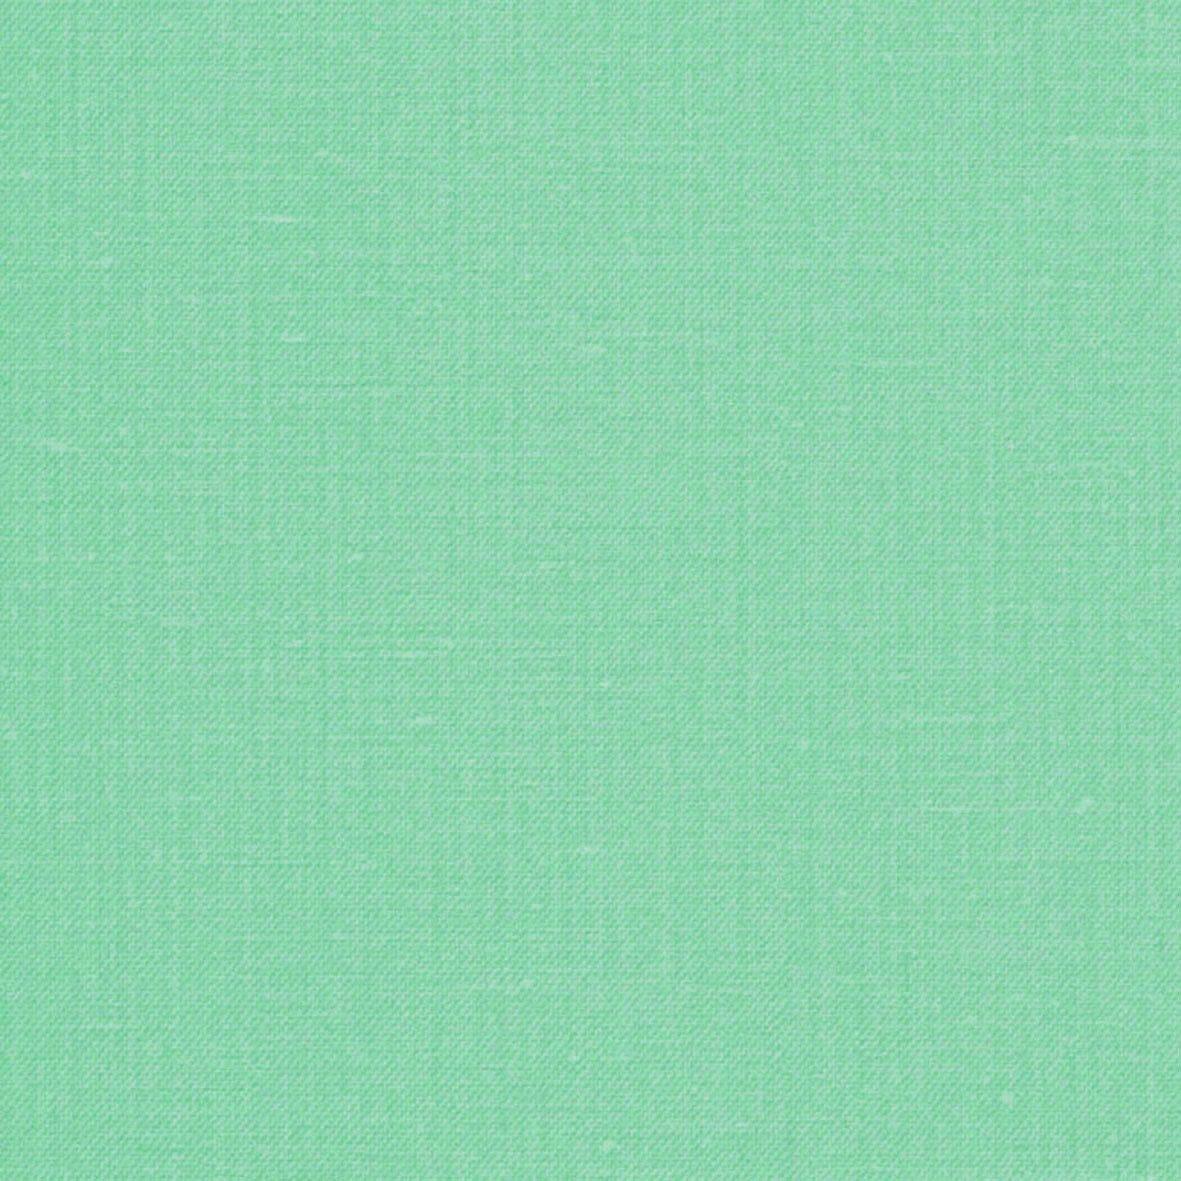 リリカラ 壁紙19m シンフル 無地 ブラウン LL-8602 B01MTK2N31 19m|ブラウン2